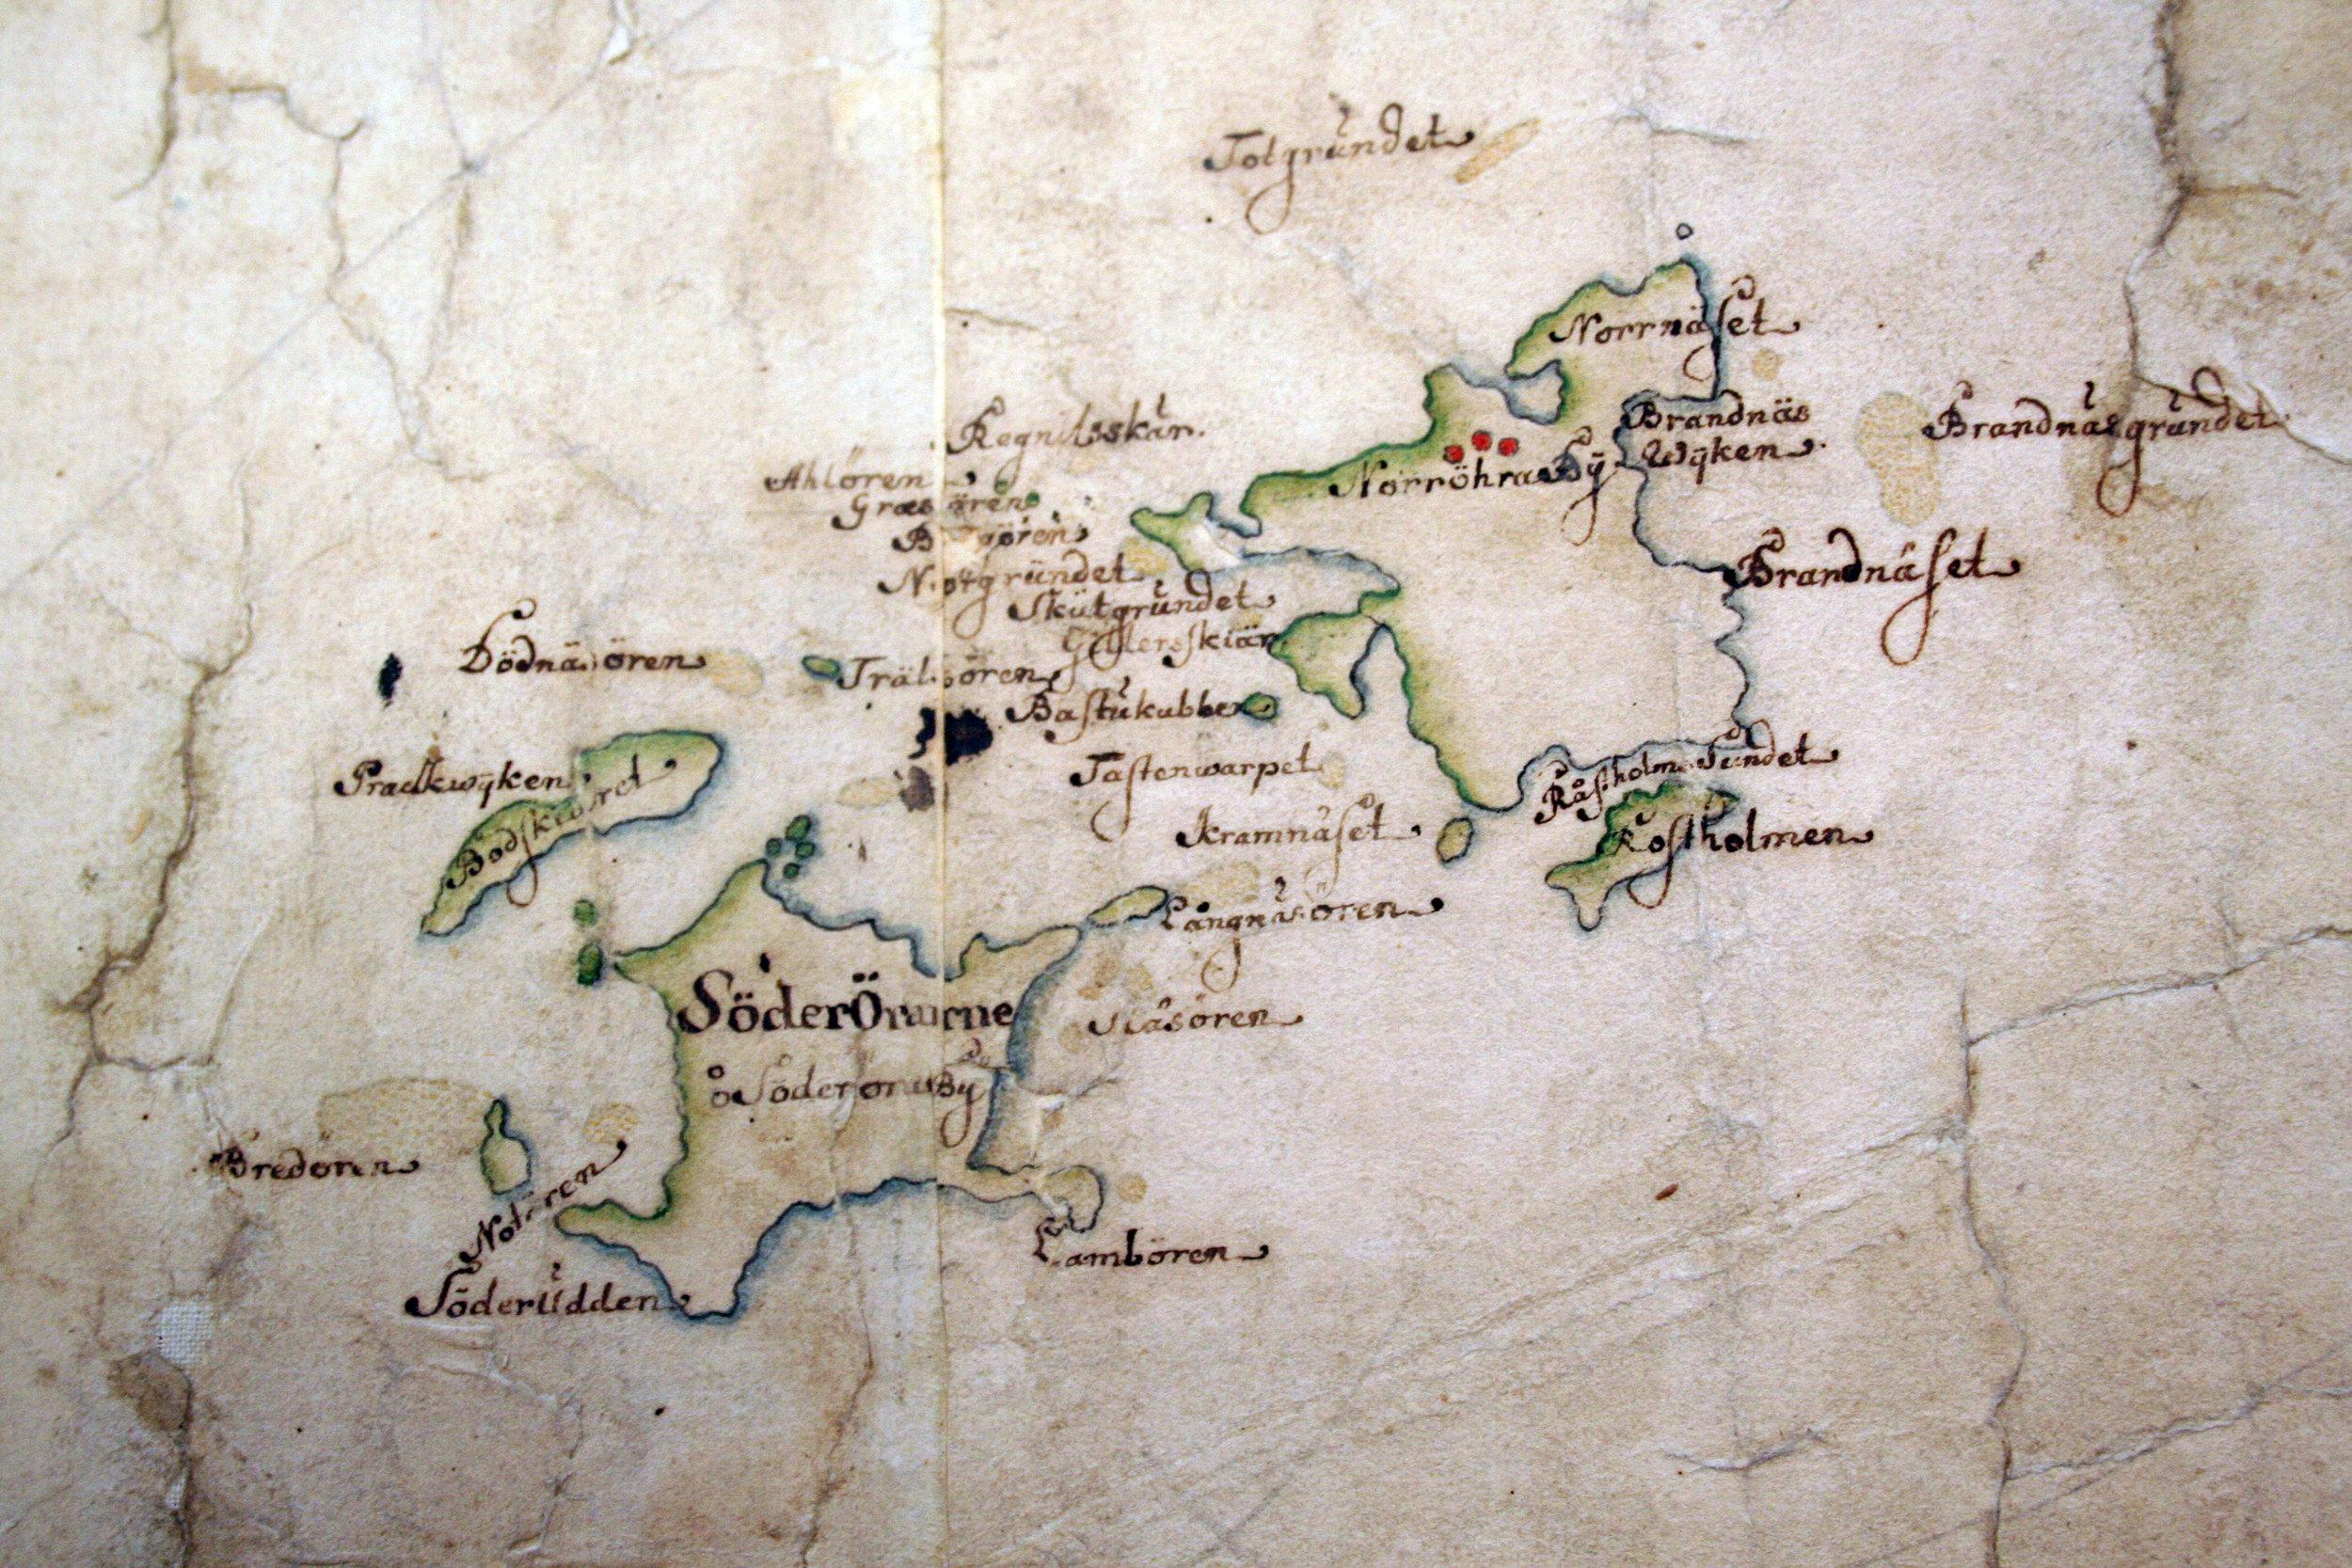 Tvillingöarna Norröra och Söderöra på Carl Gripenhielms skärgårdskarta från 1690-talet. Väderstrecken är förvridna.